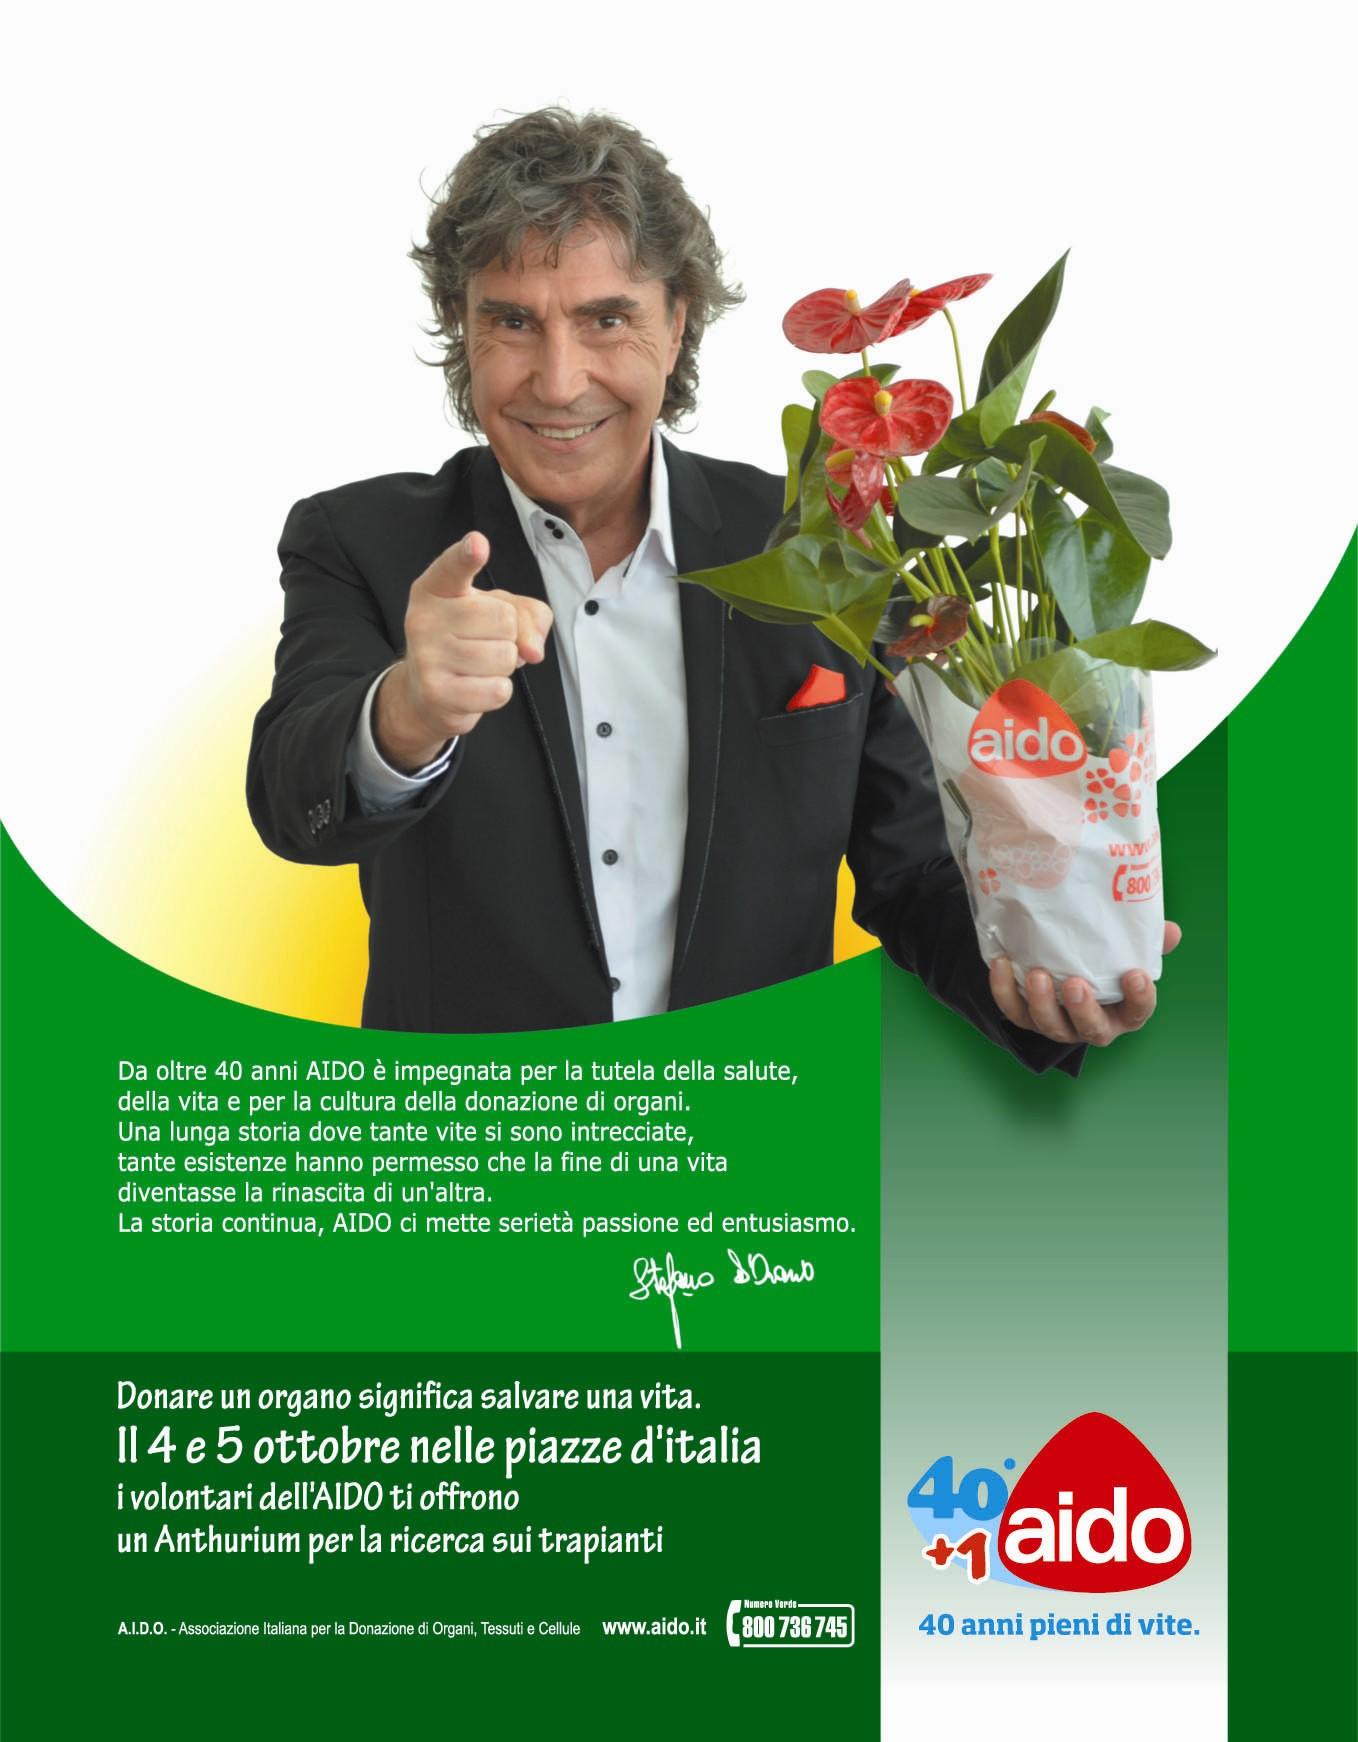 ADMO, l'esperienza diretta dell'attore/doppiatore Massimo Bitossi